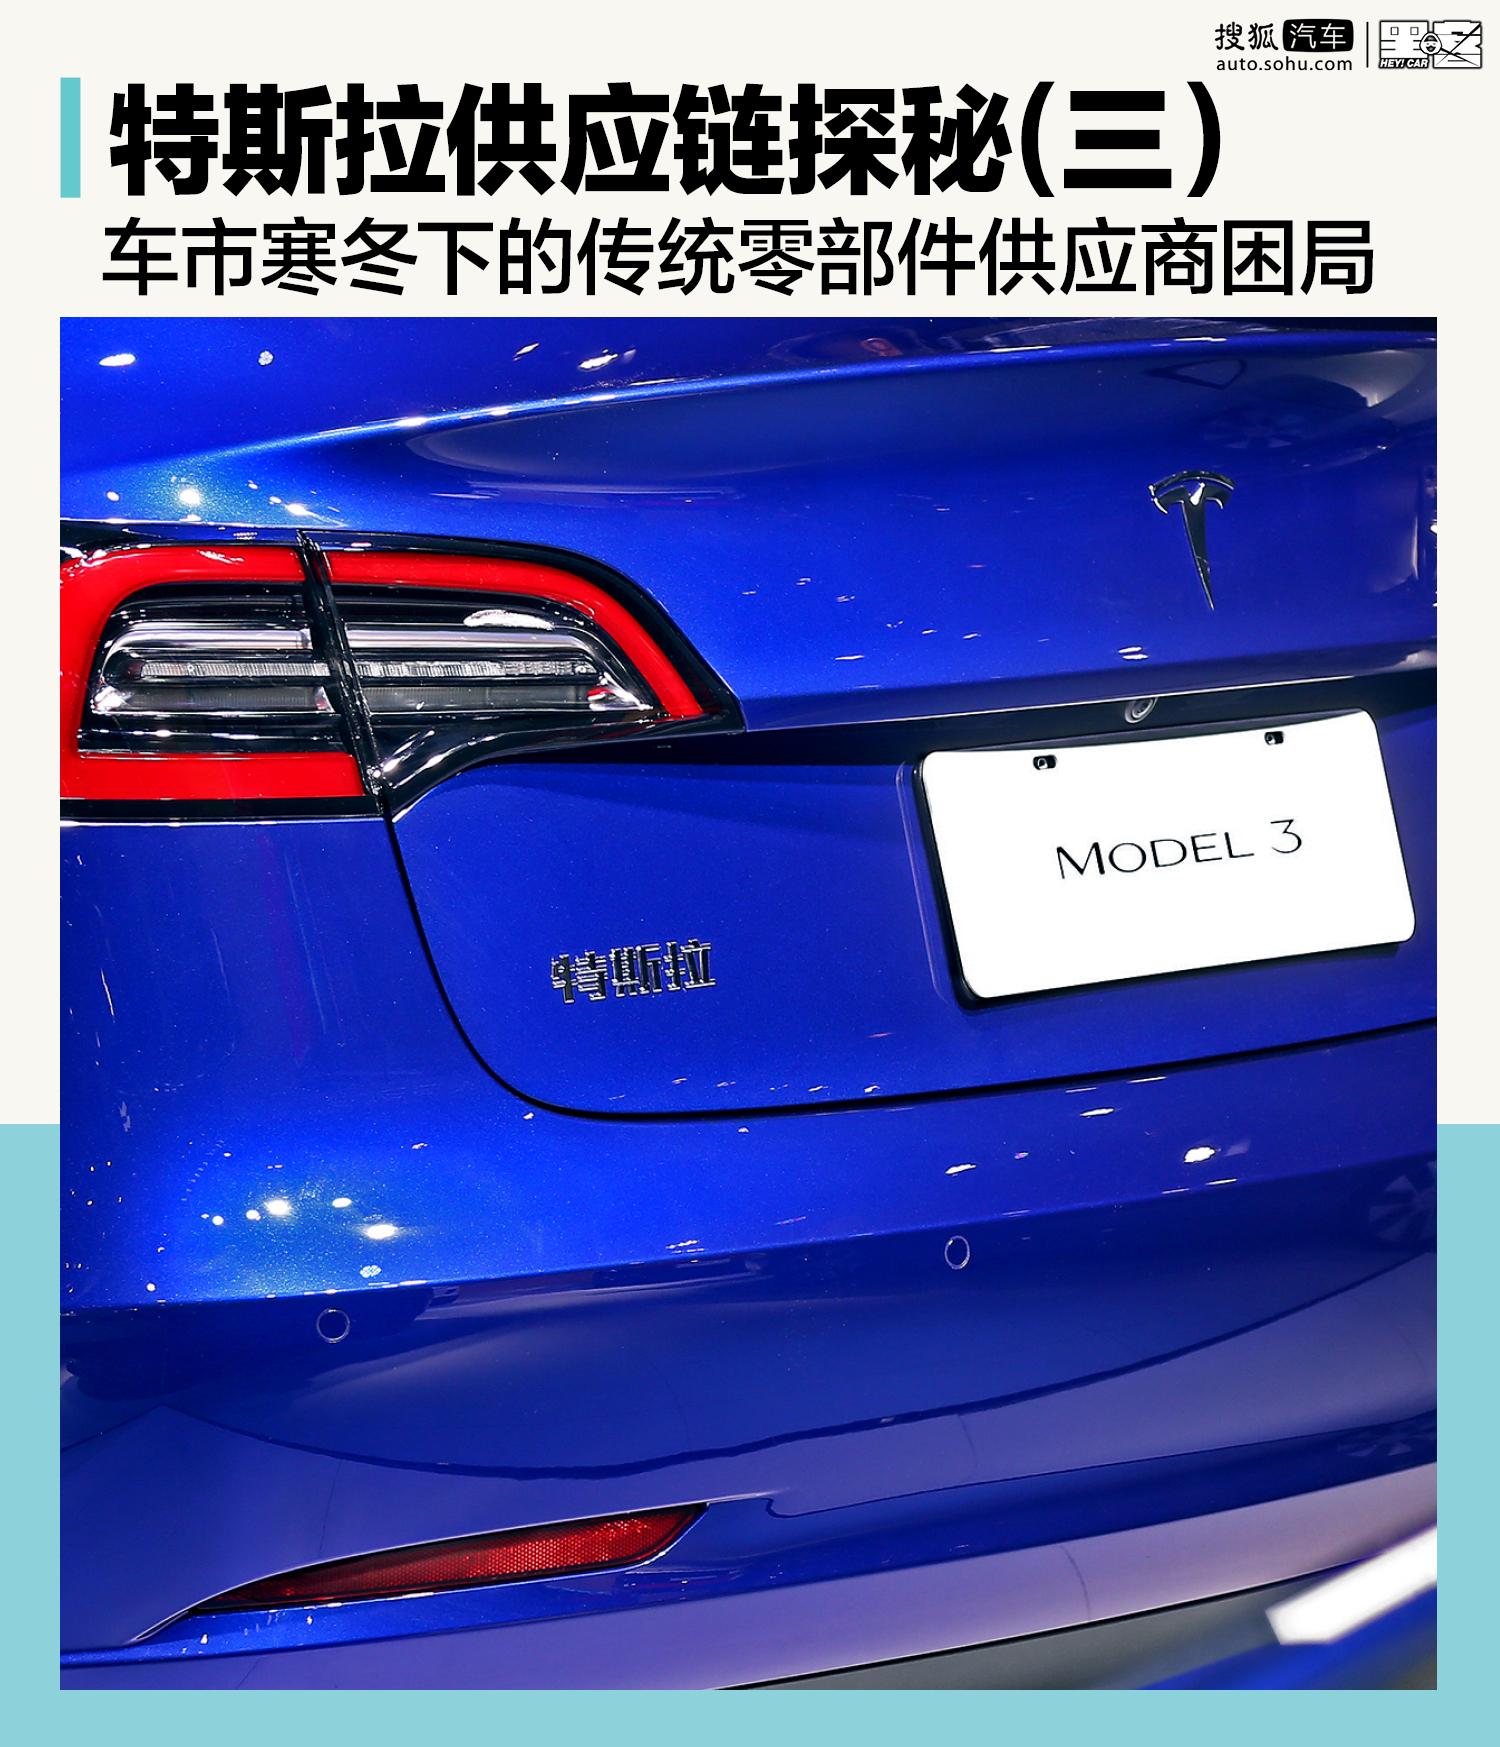 特斯拉供应链探秘(三) 车市寒冬中的传统零部件供应商困局